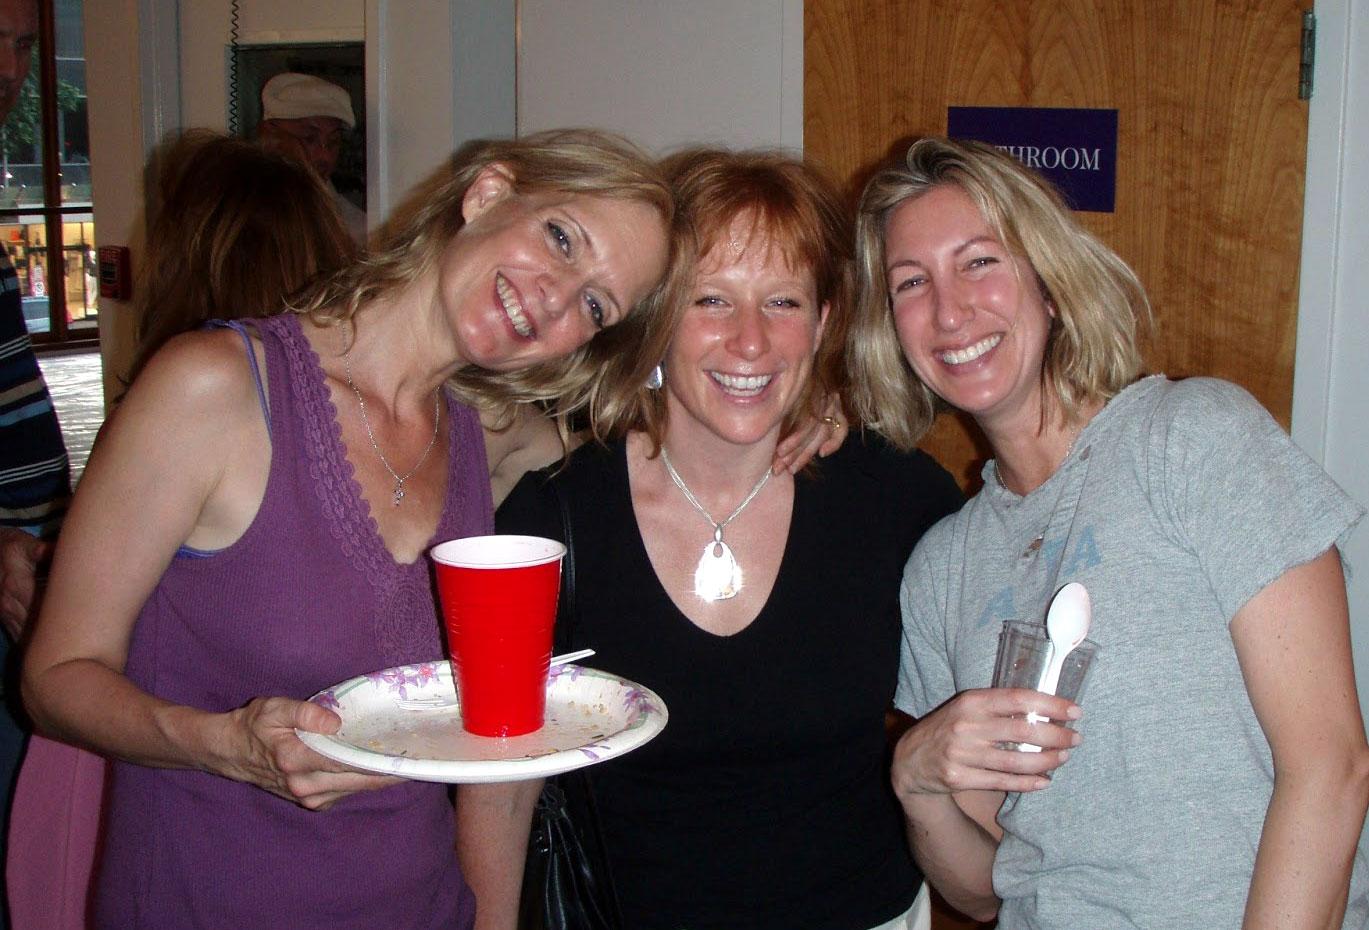 Ruth, Kelly & Beth